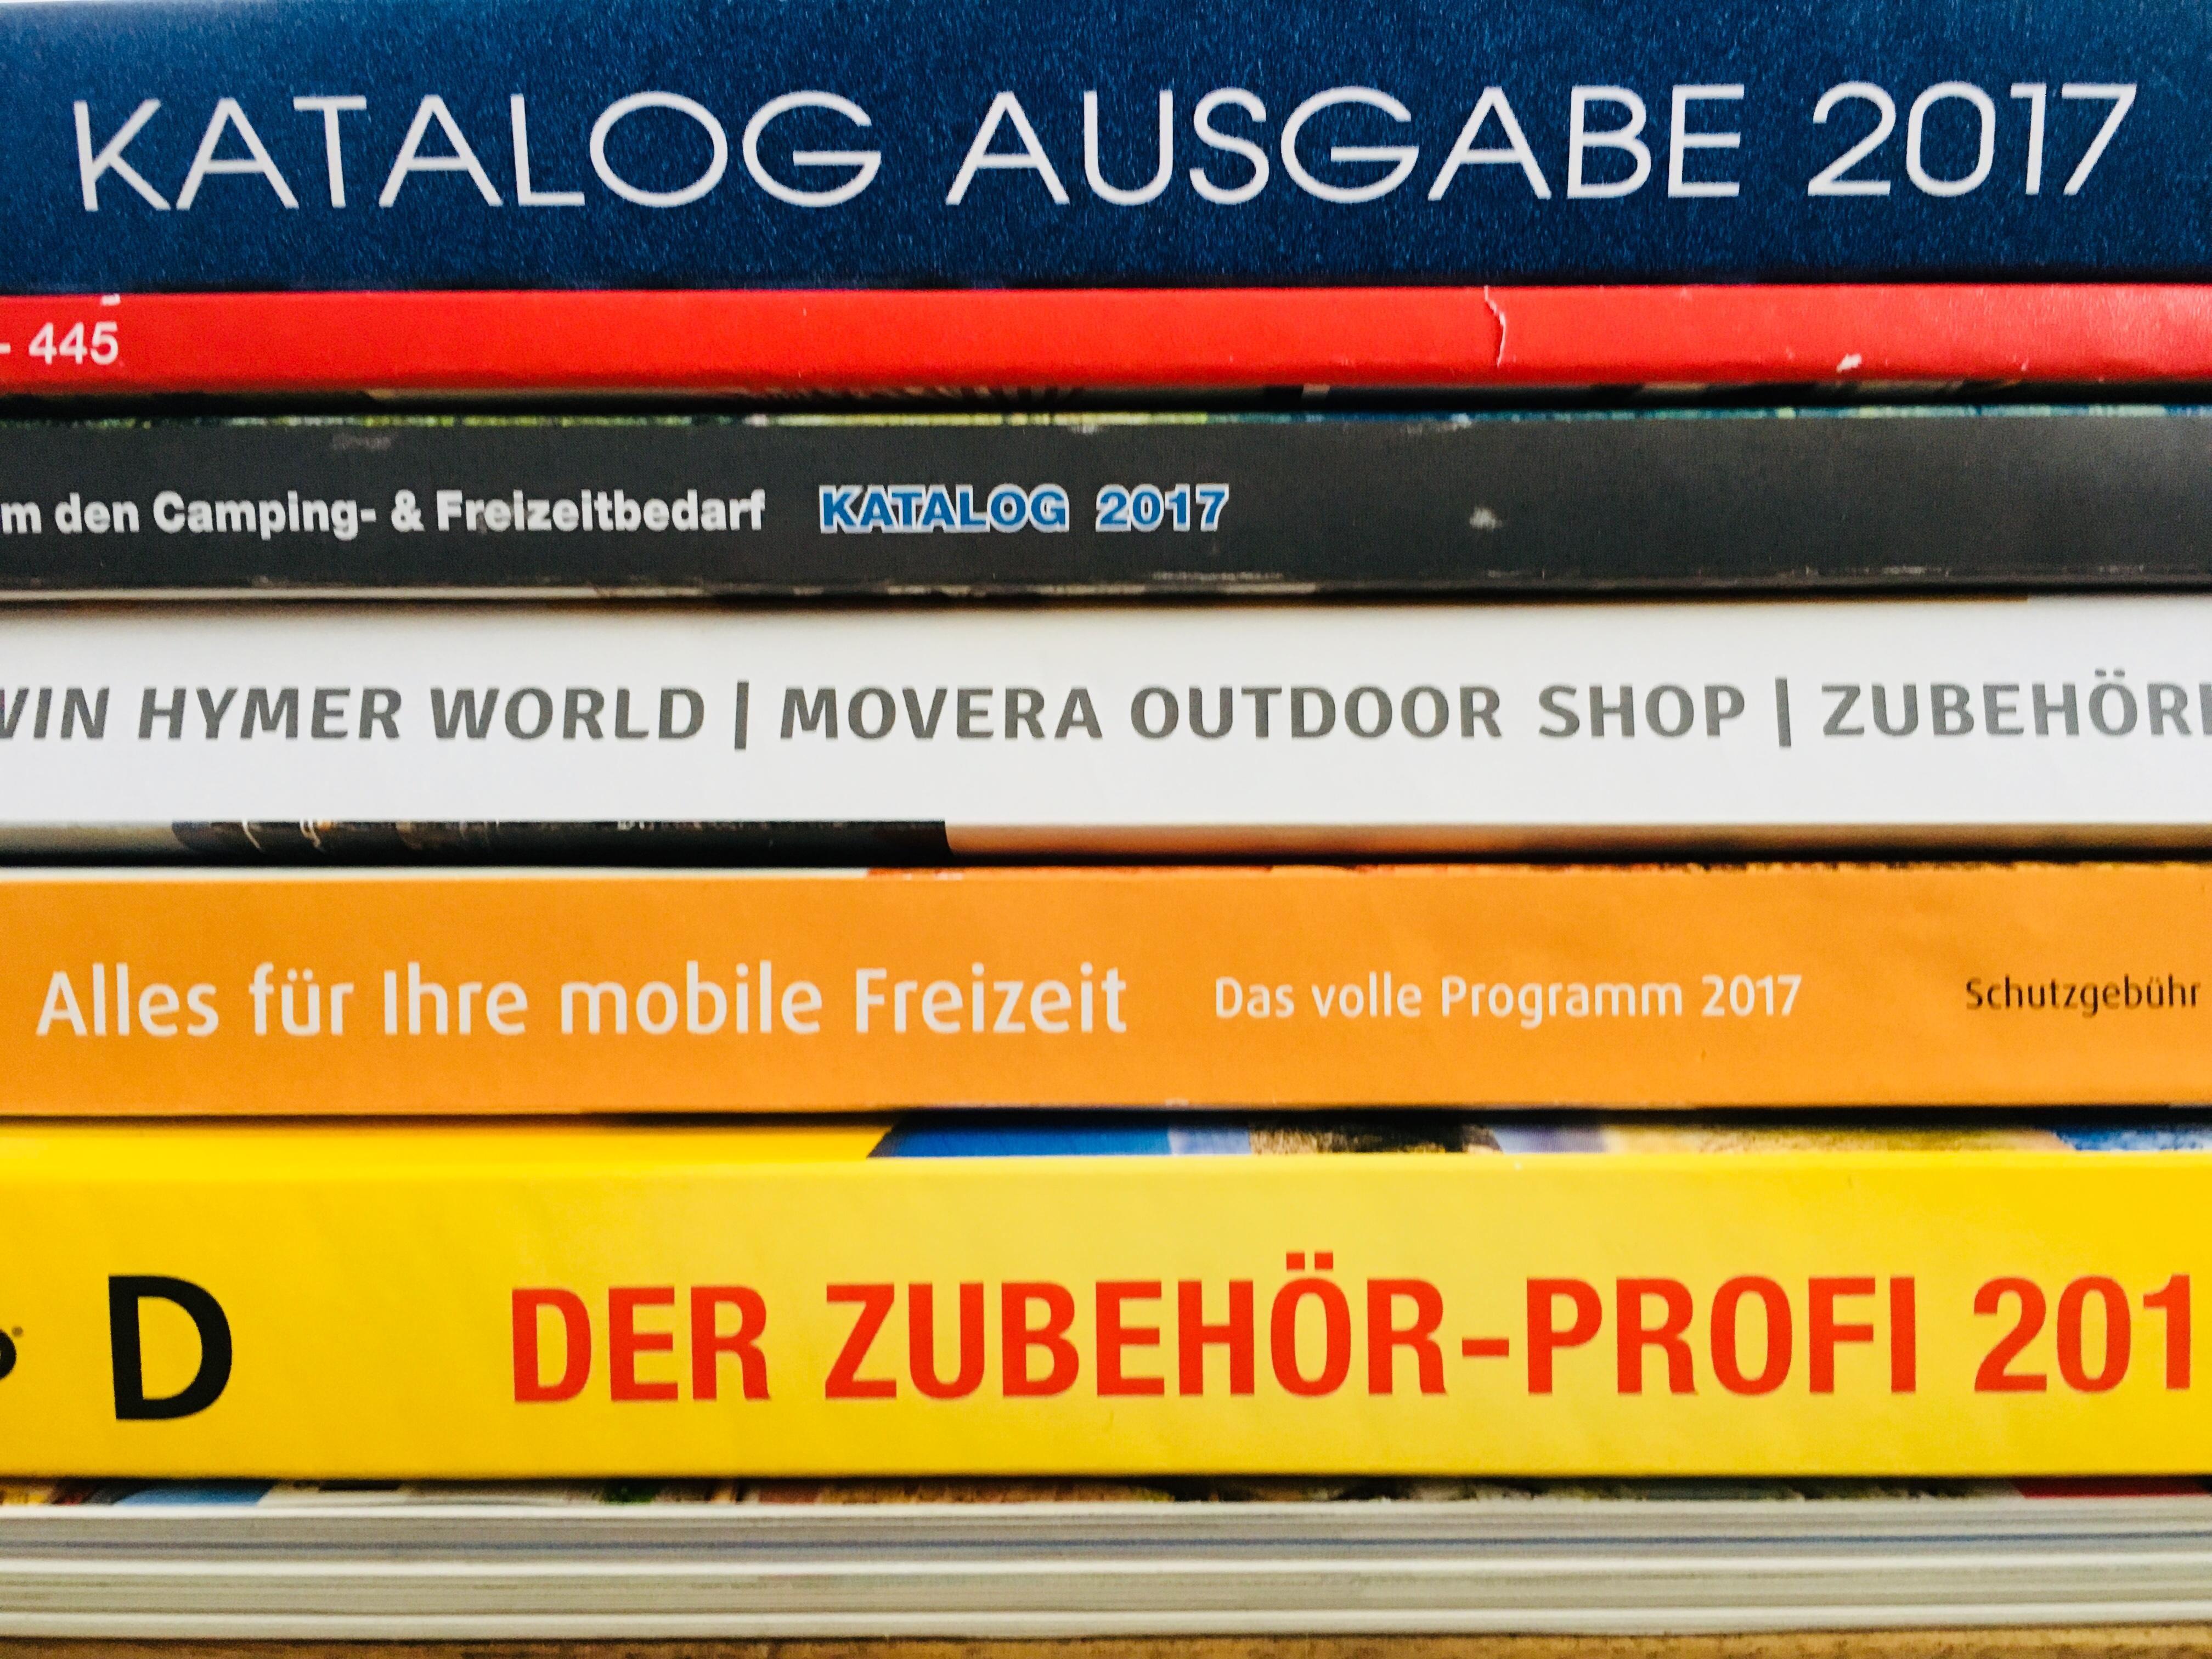 Erstausstattung Fur Wohnmobil Und Wohnwagen Ausflugsbox De